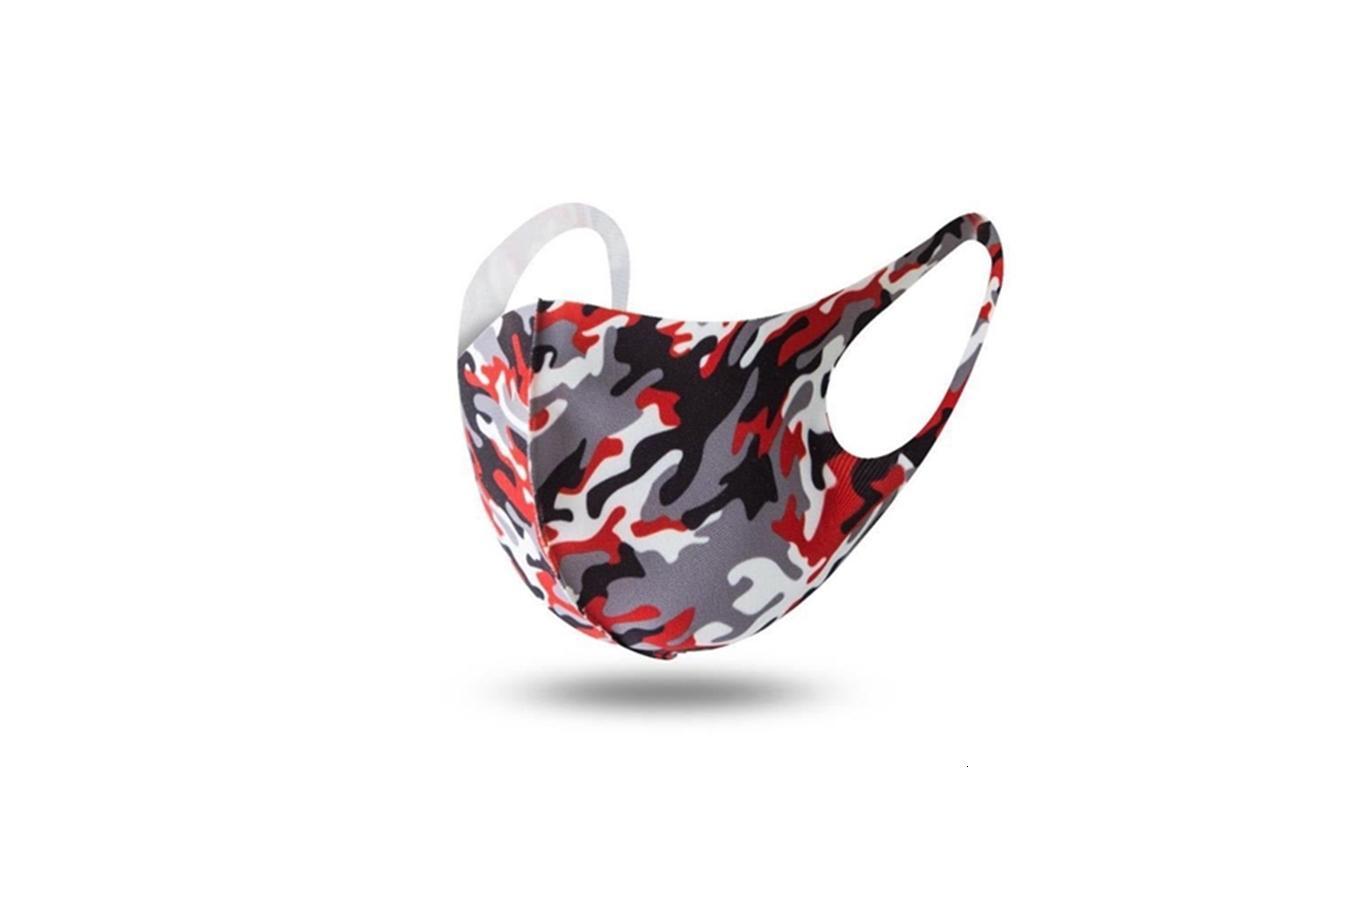 Silk Frauen Dener magischer Schal gedruckte Maske 14 Styles Ciffon Andkercief Außenwindsicher Alf Fa Staubdichtes Sunsade Ma # 696 # 476